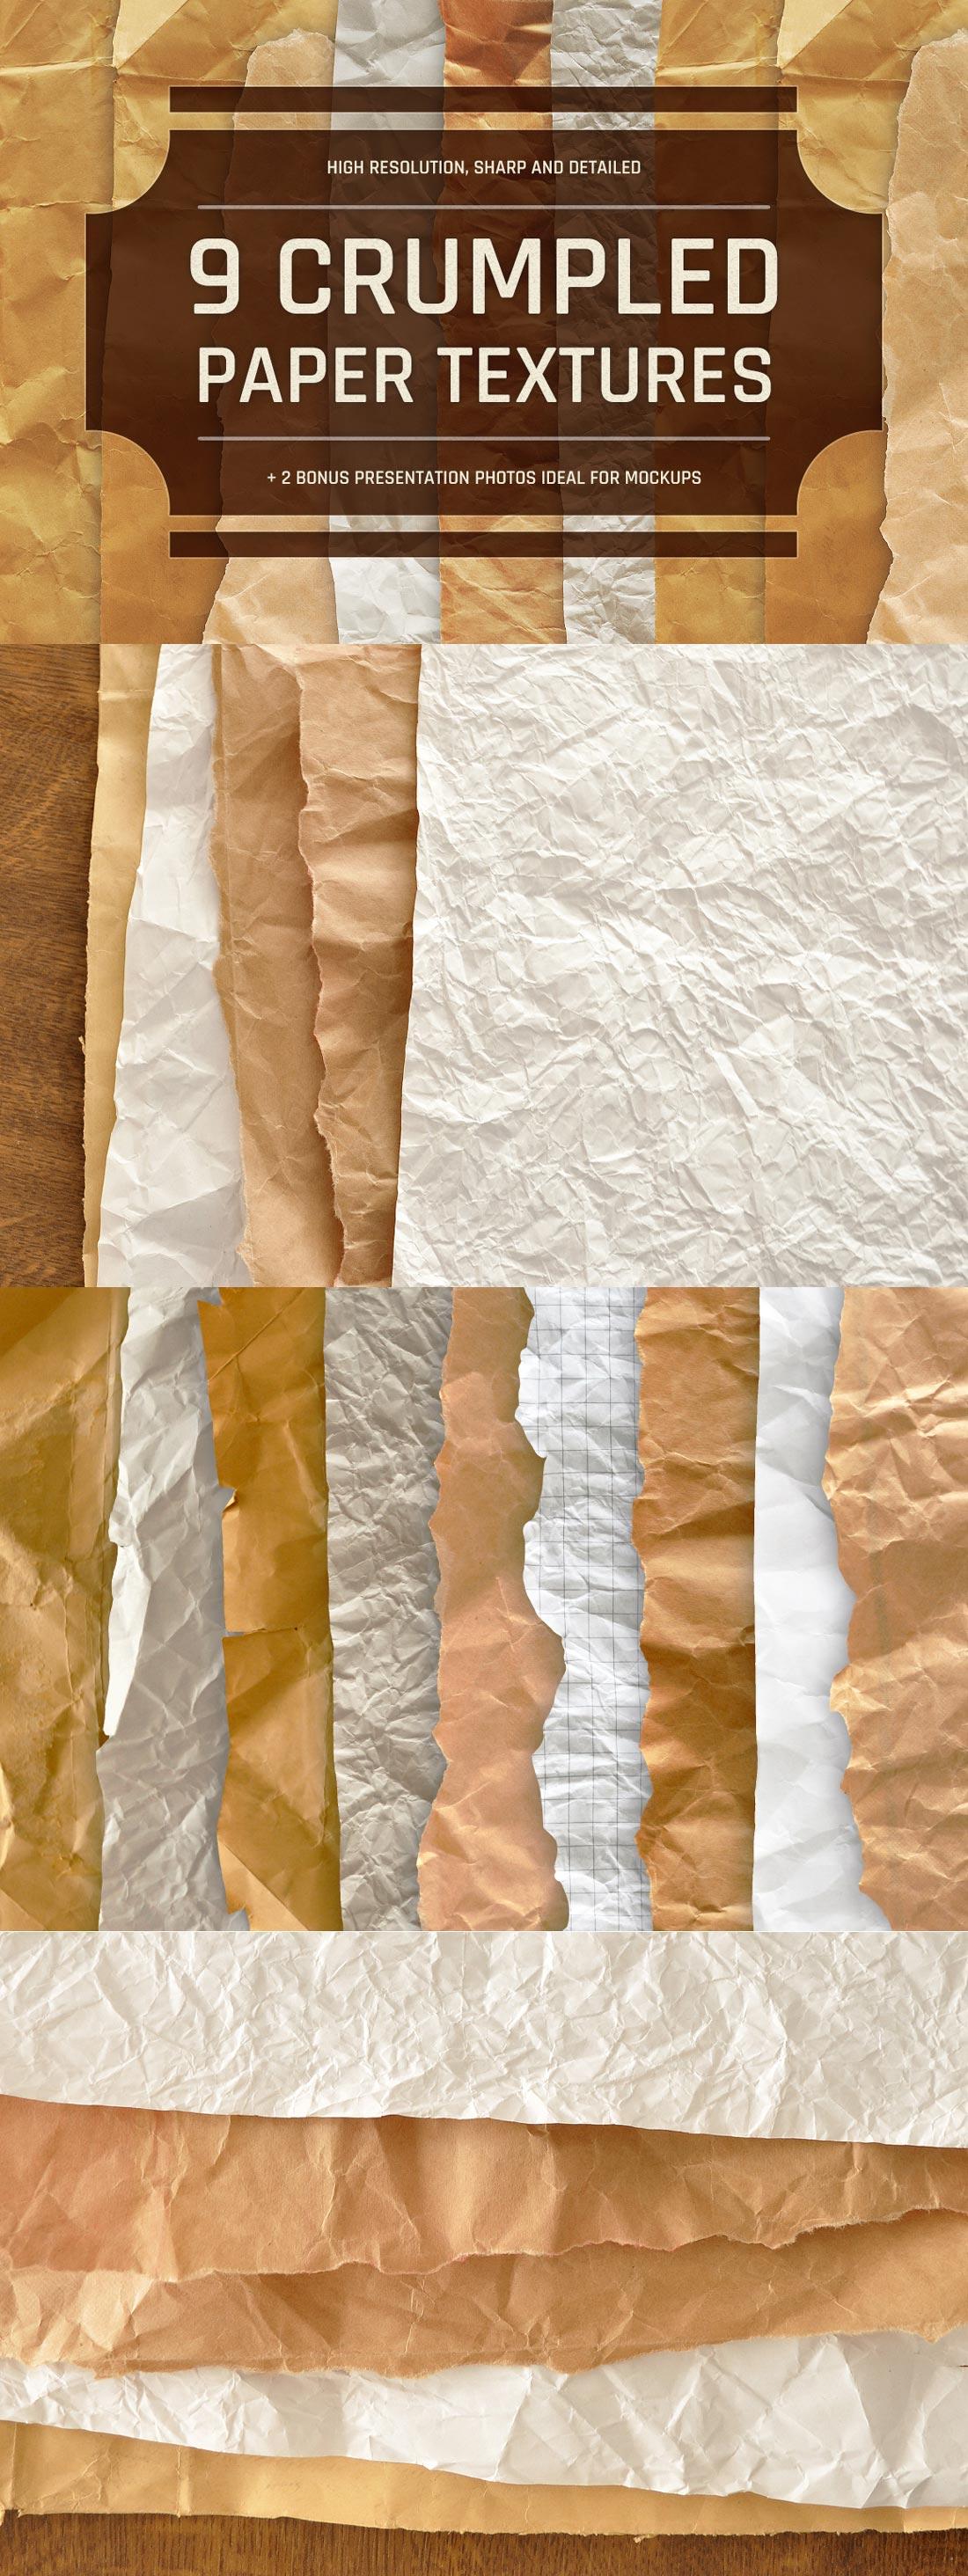 5--crumpled-paper-textures